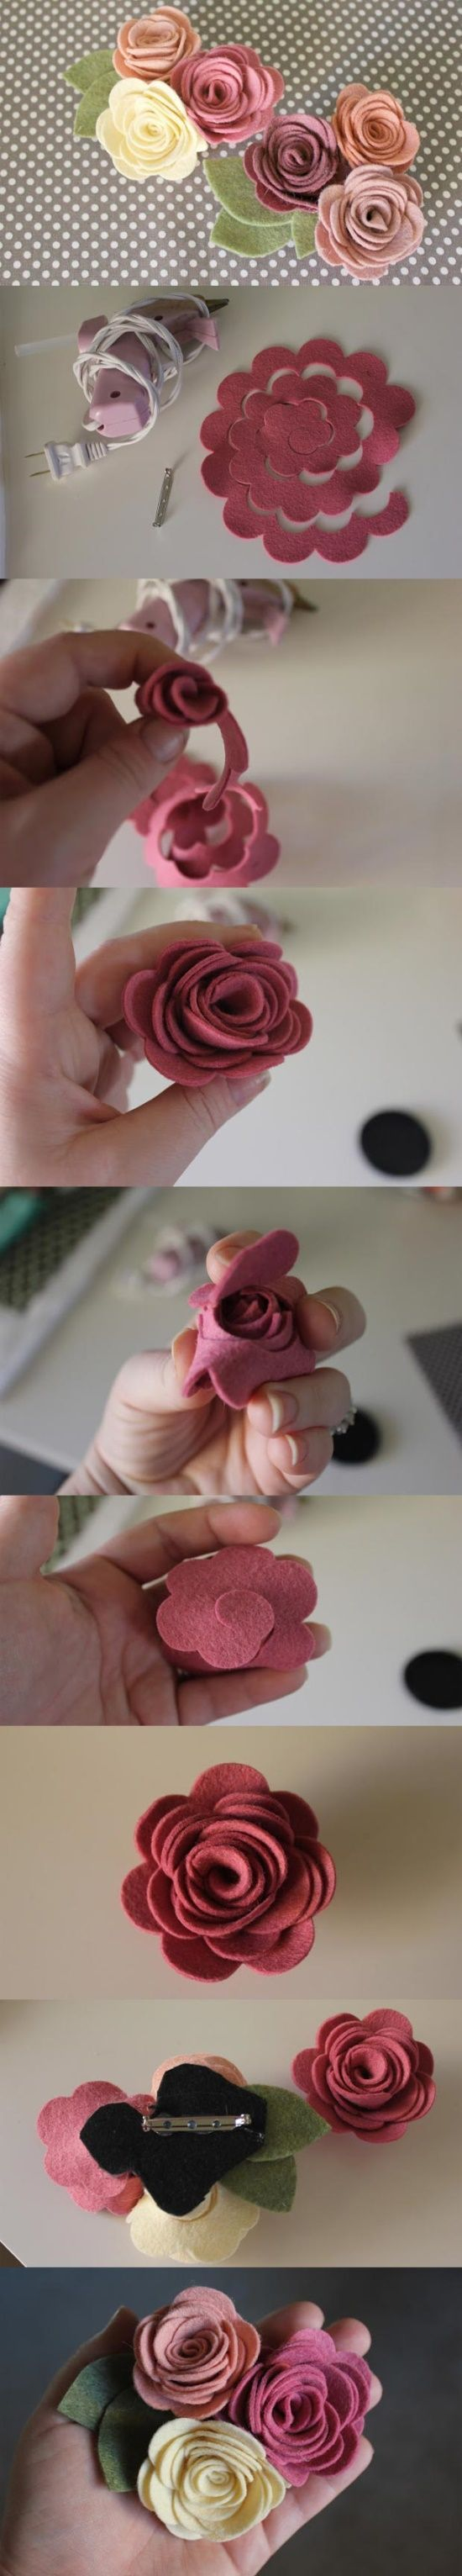 роза из фетра мастер-класс своими руками